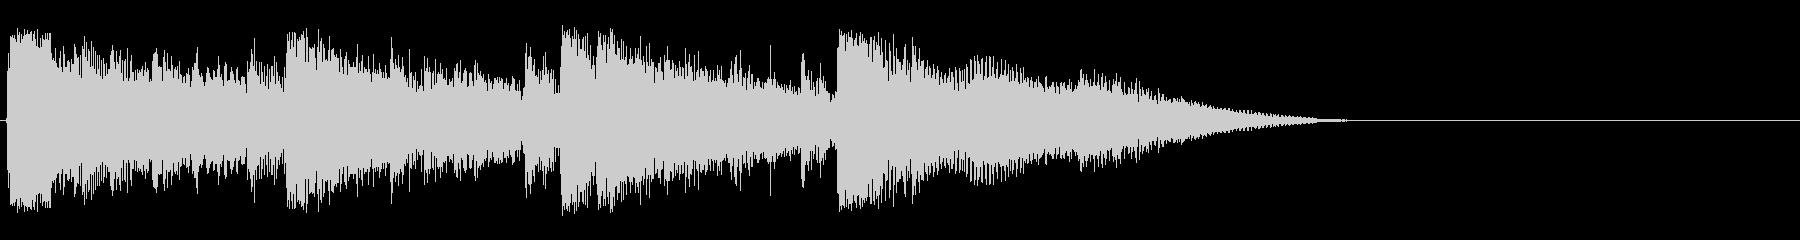 シネマティック ライフスタイルの未再生の波形